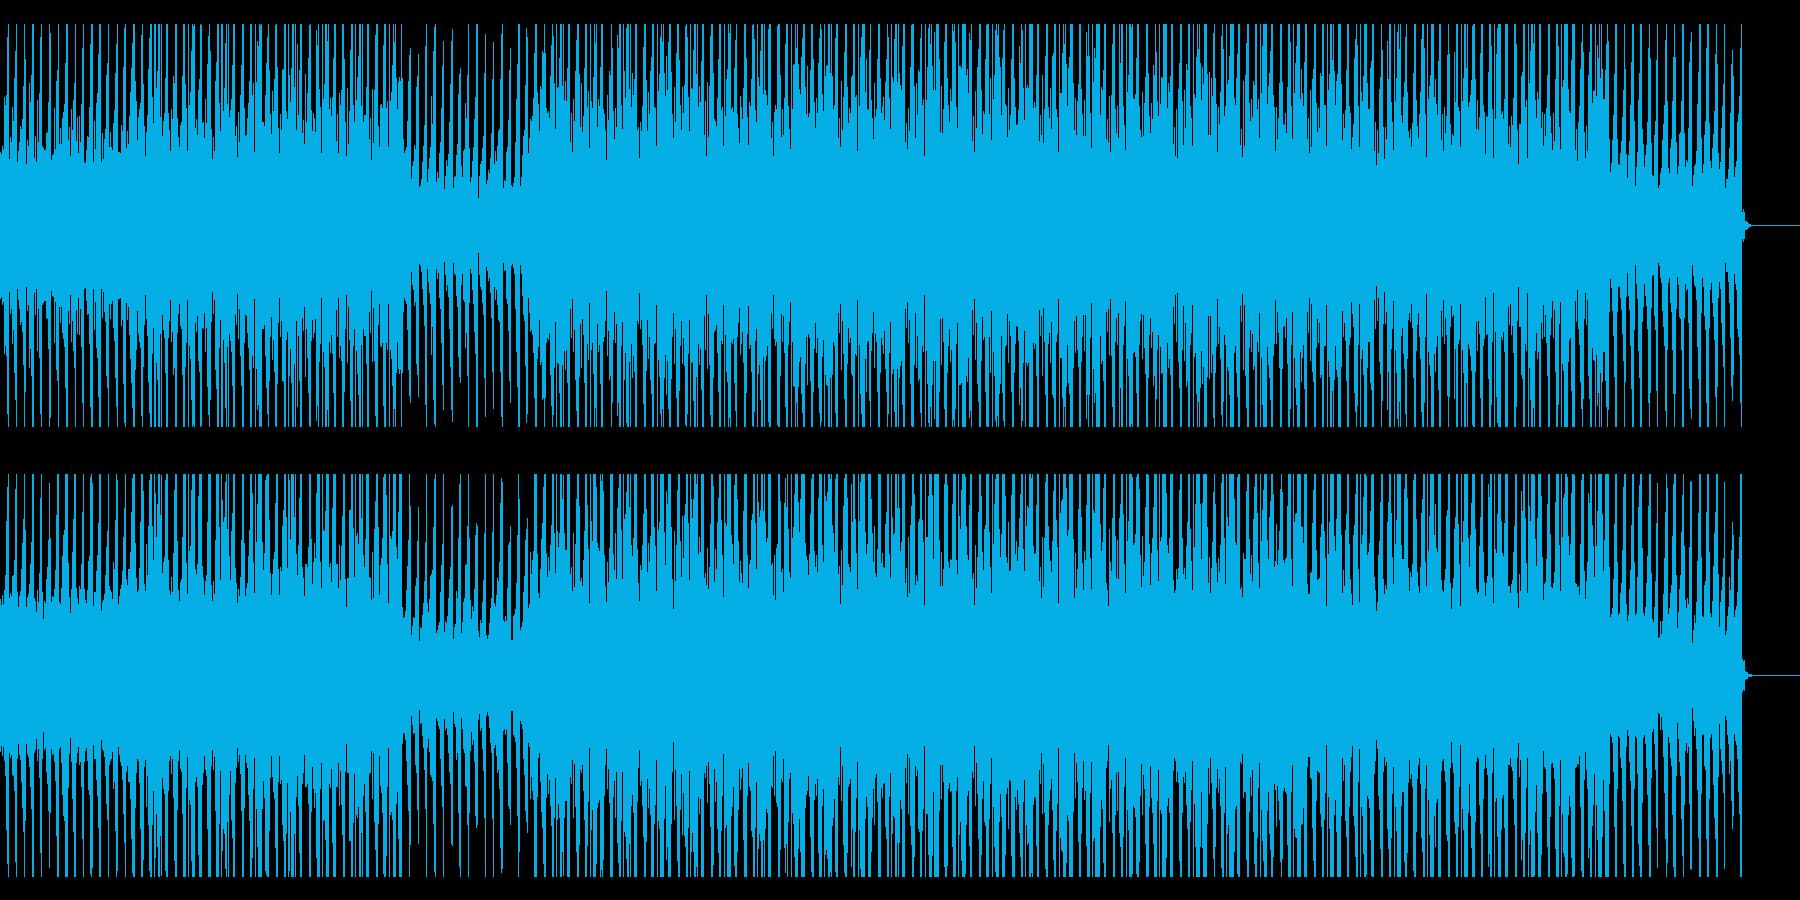 重く暗い空気感の漂うBGMの再生済みの波形